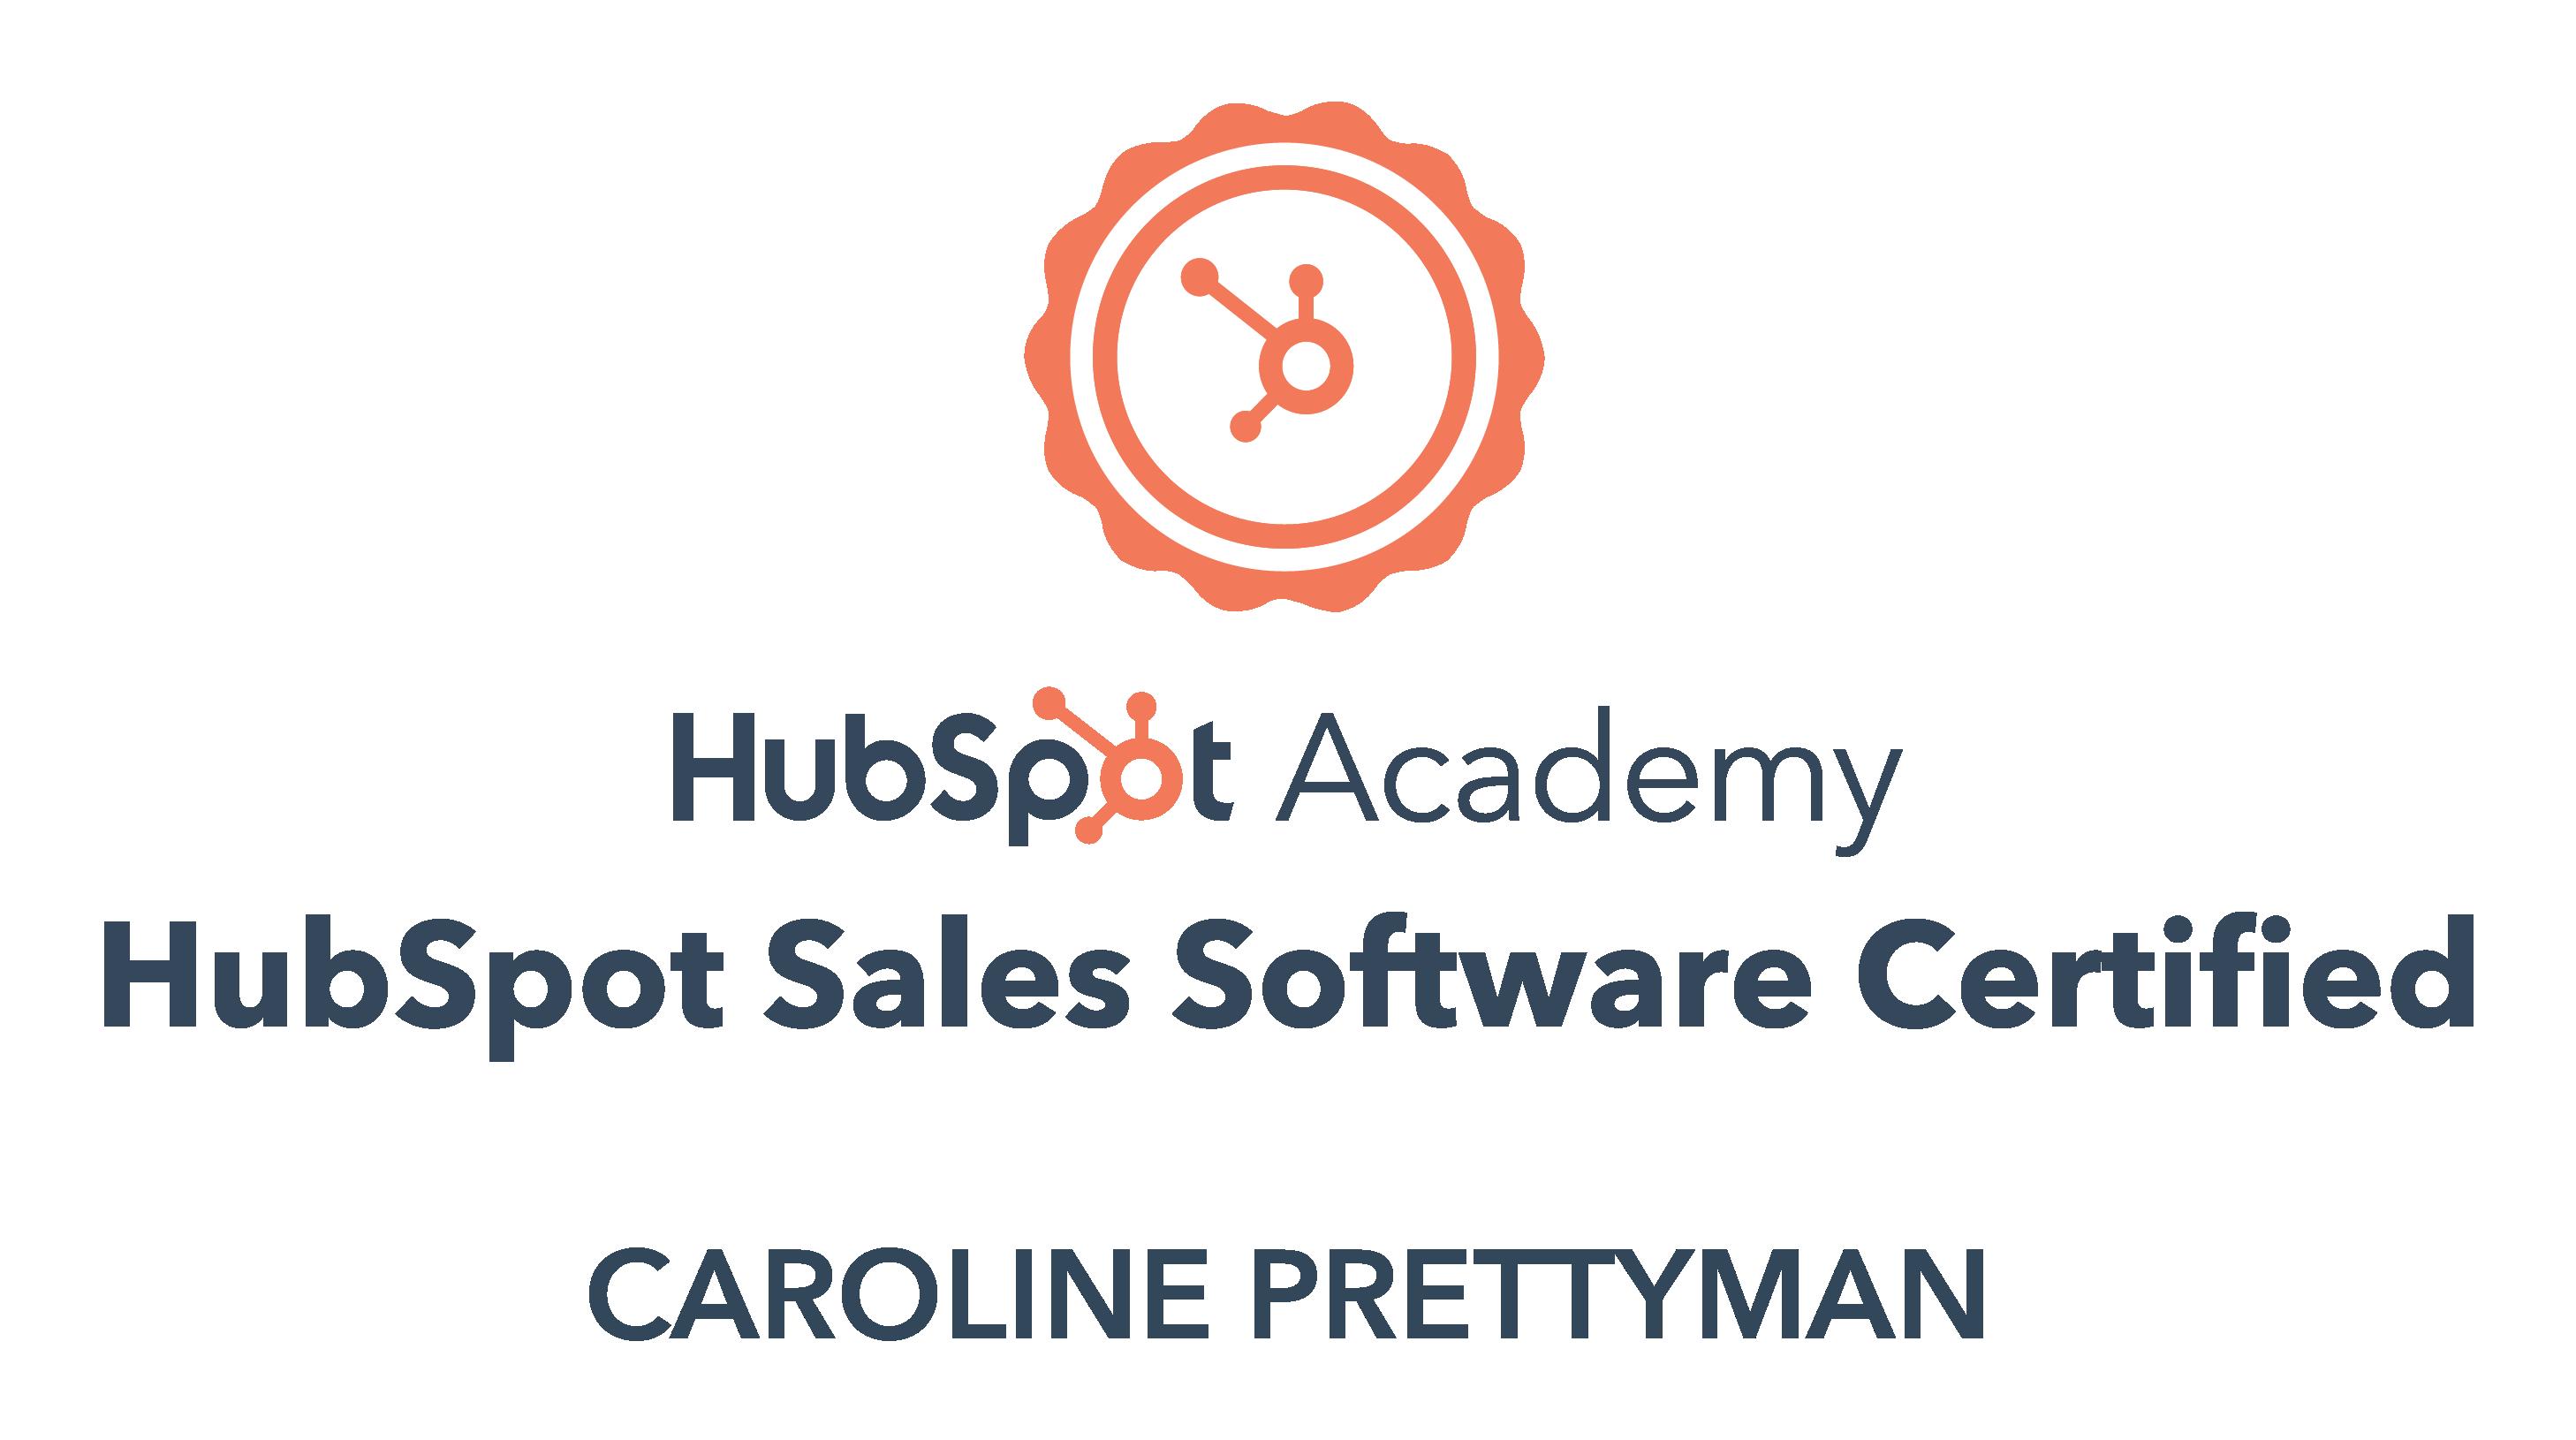 HubSpot Academy HubSpot Sales Software Certified